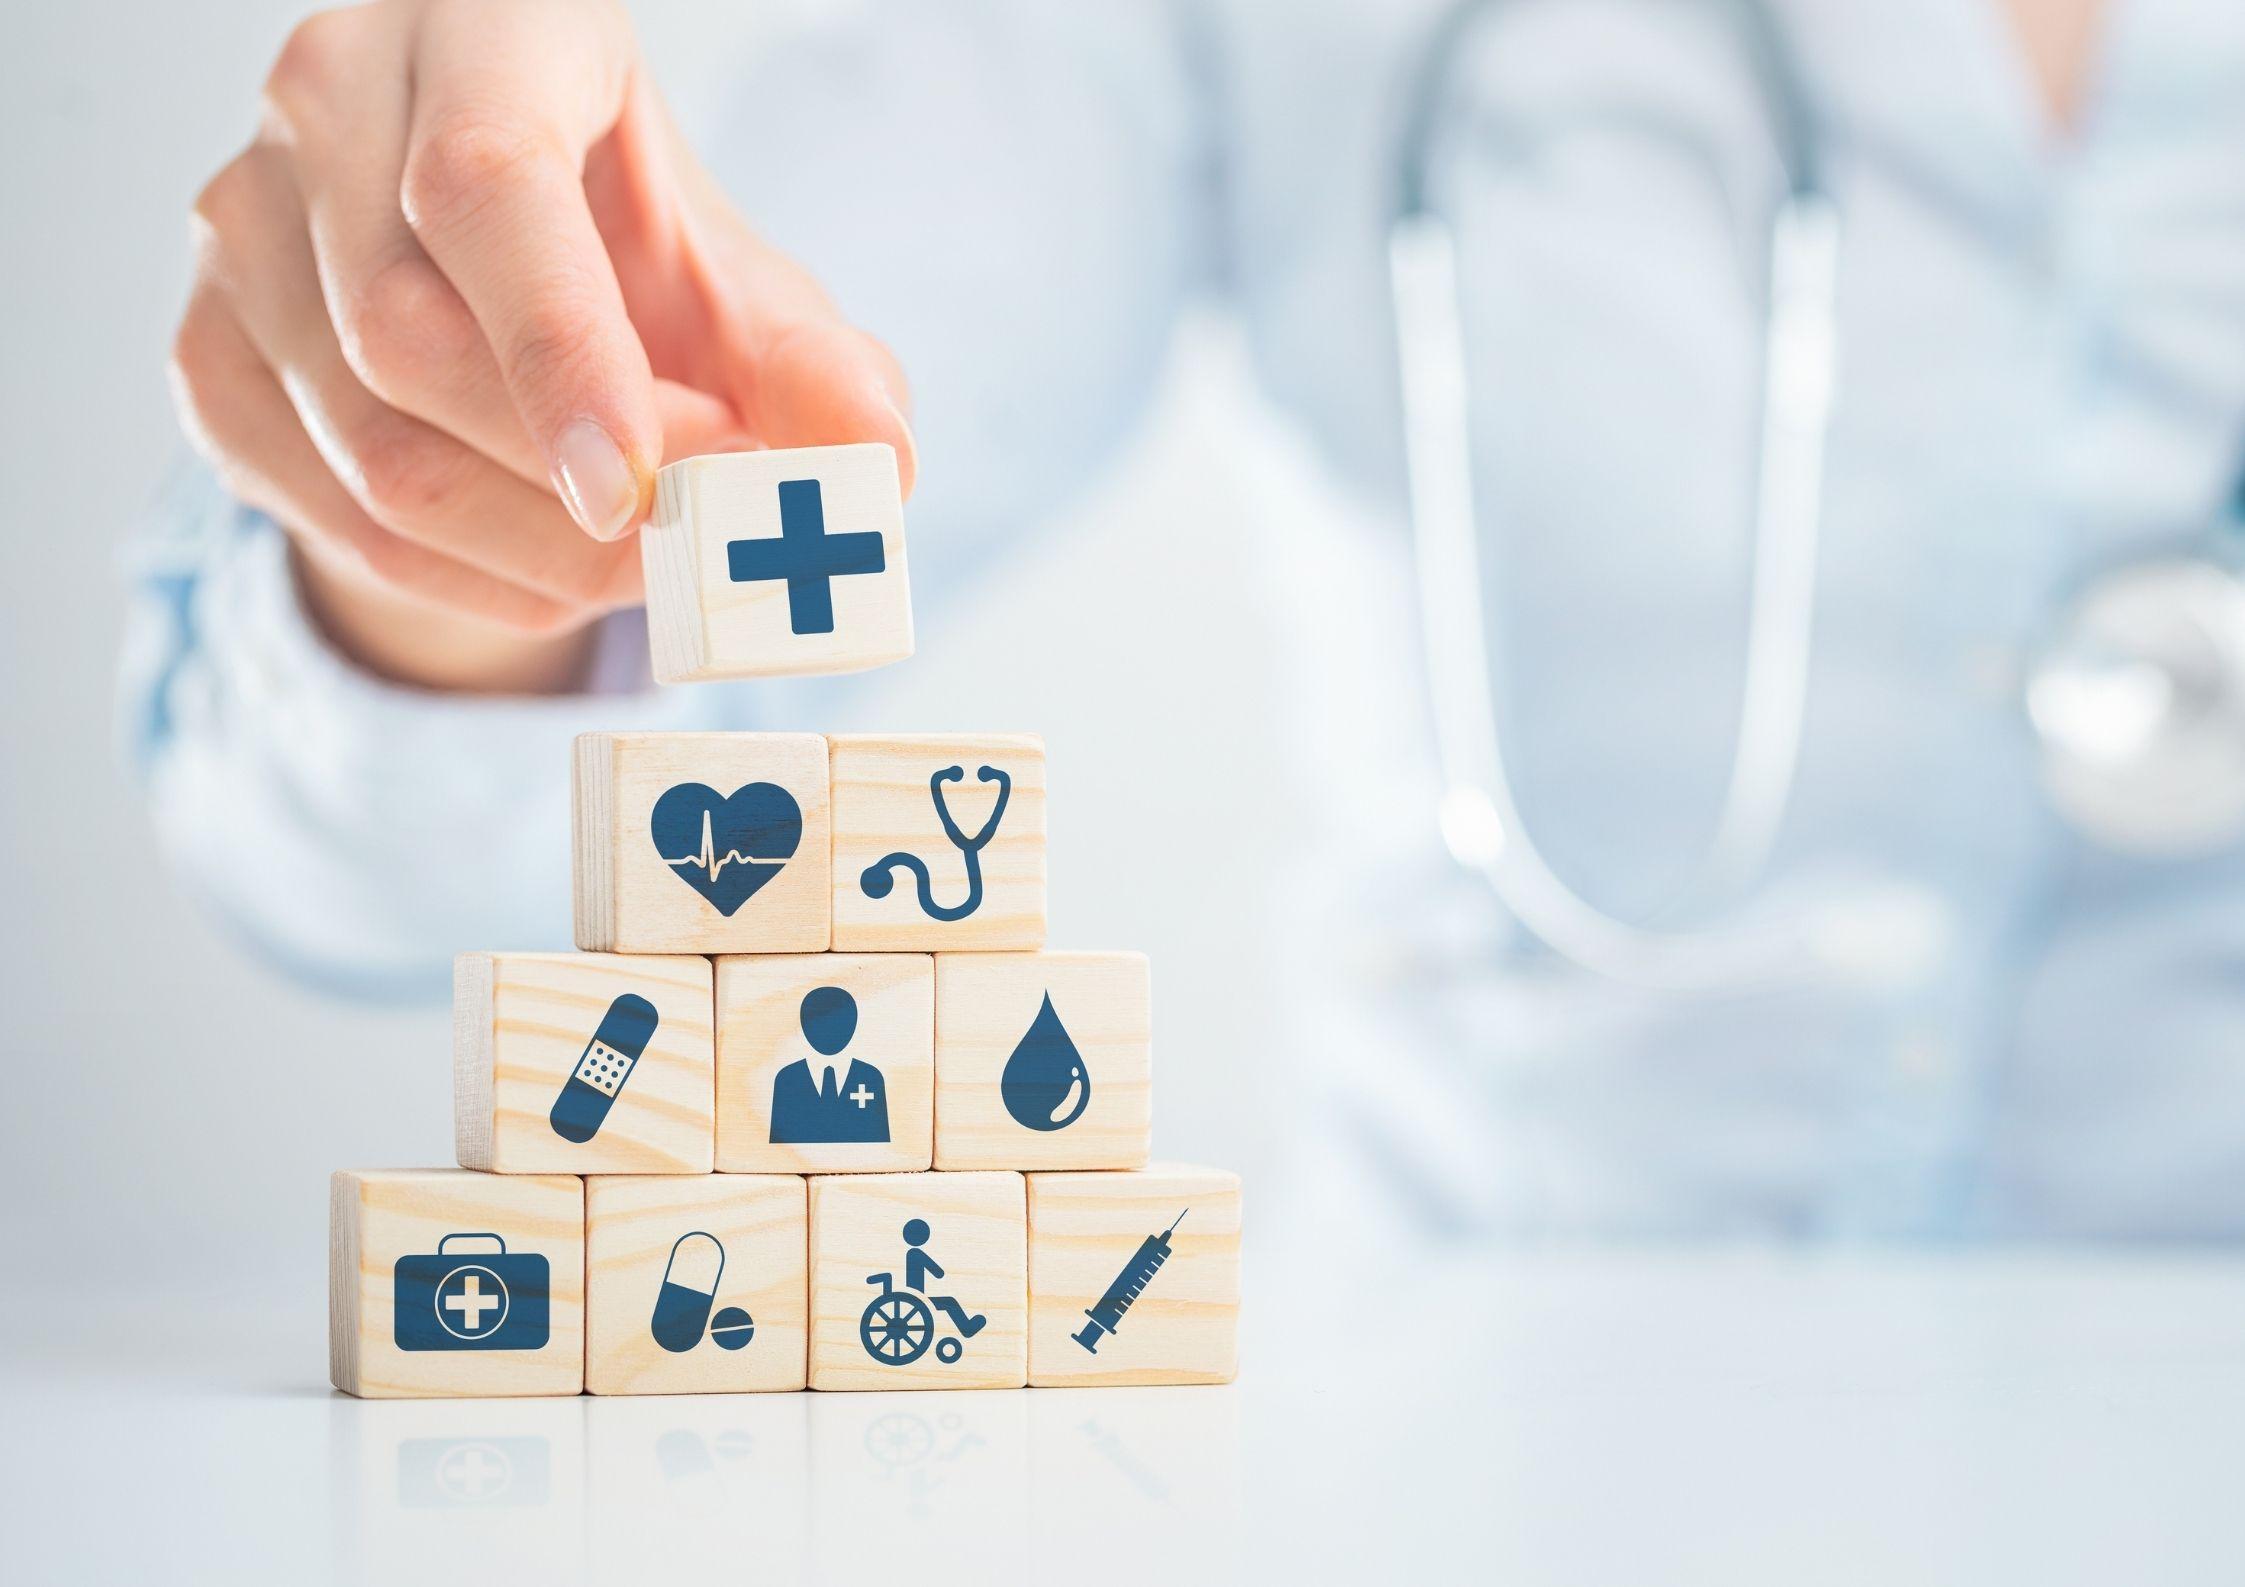 Santé et sécurité des occupants : quels indicateurs ?